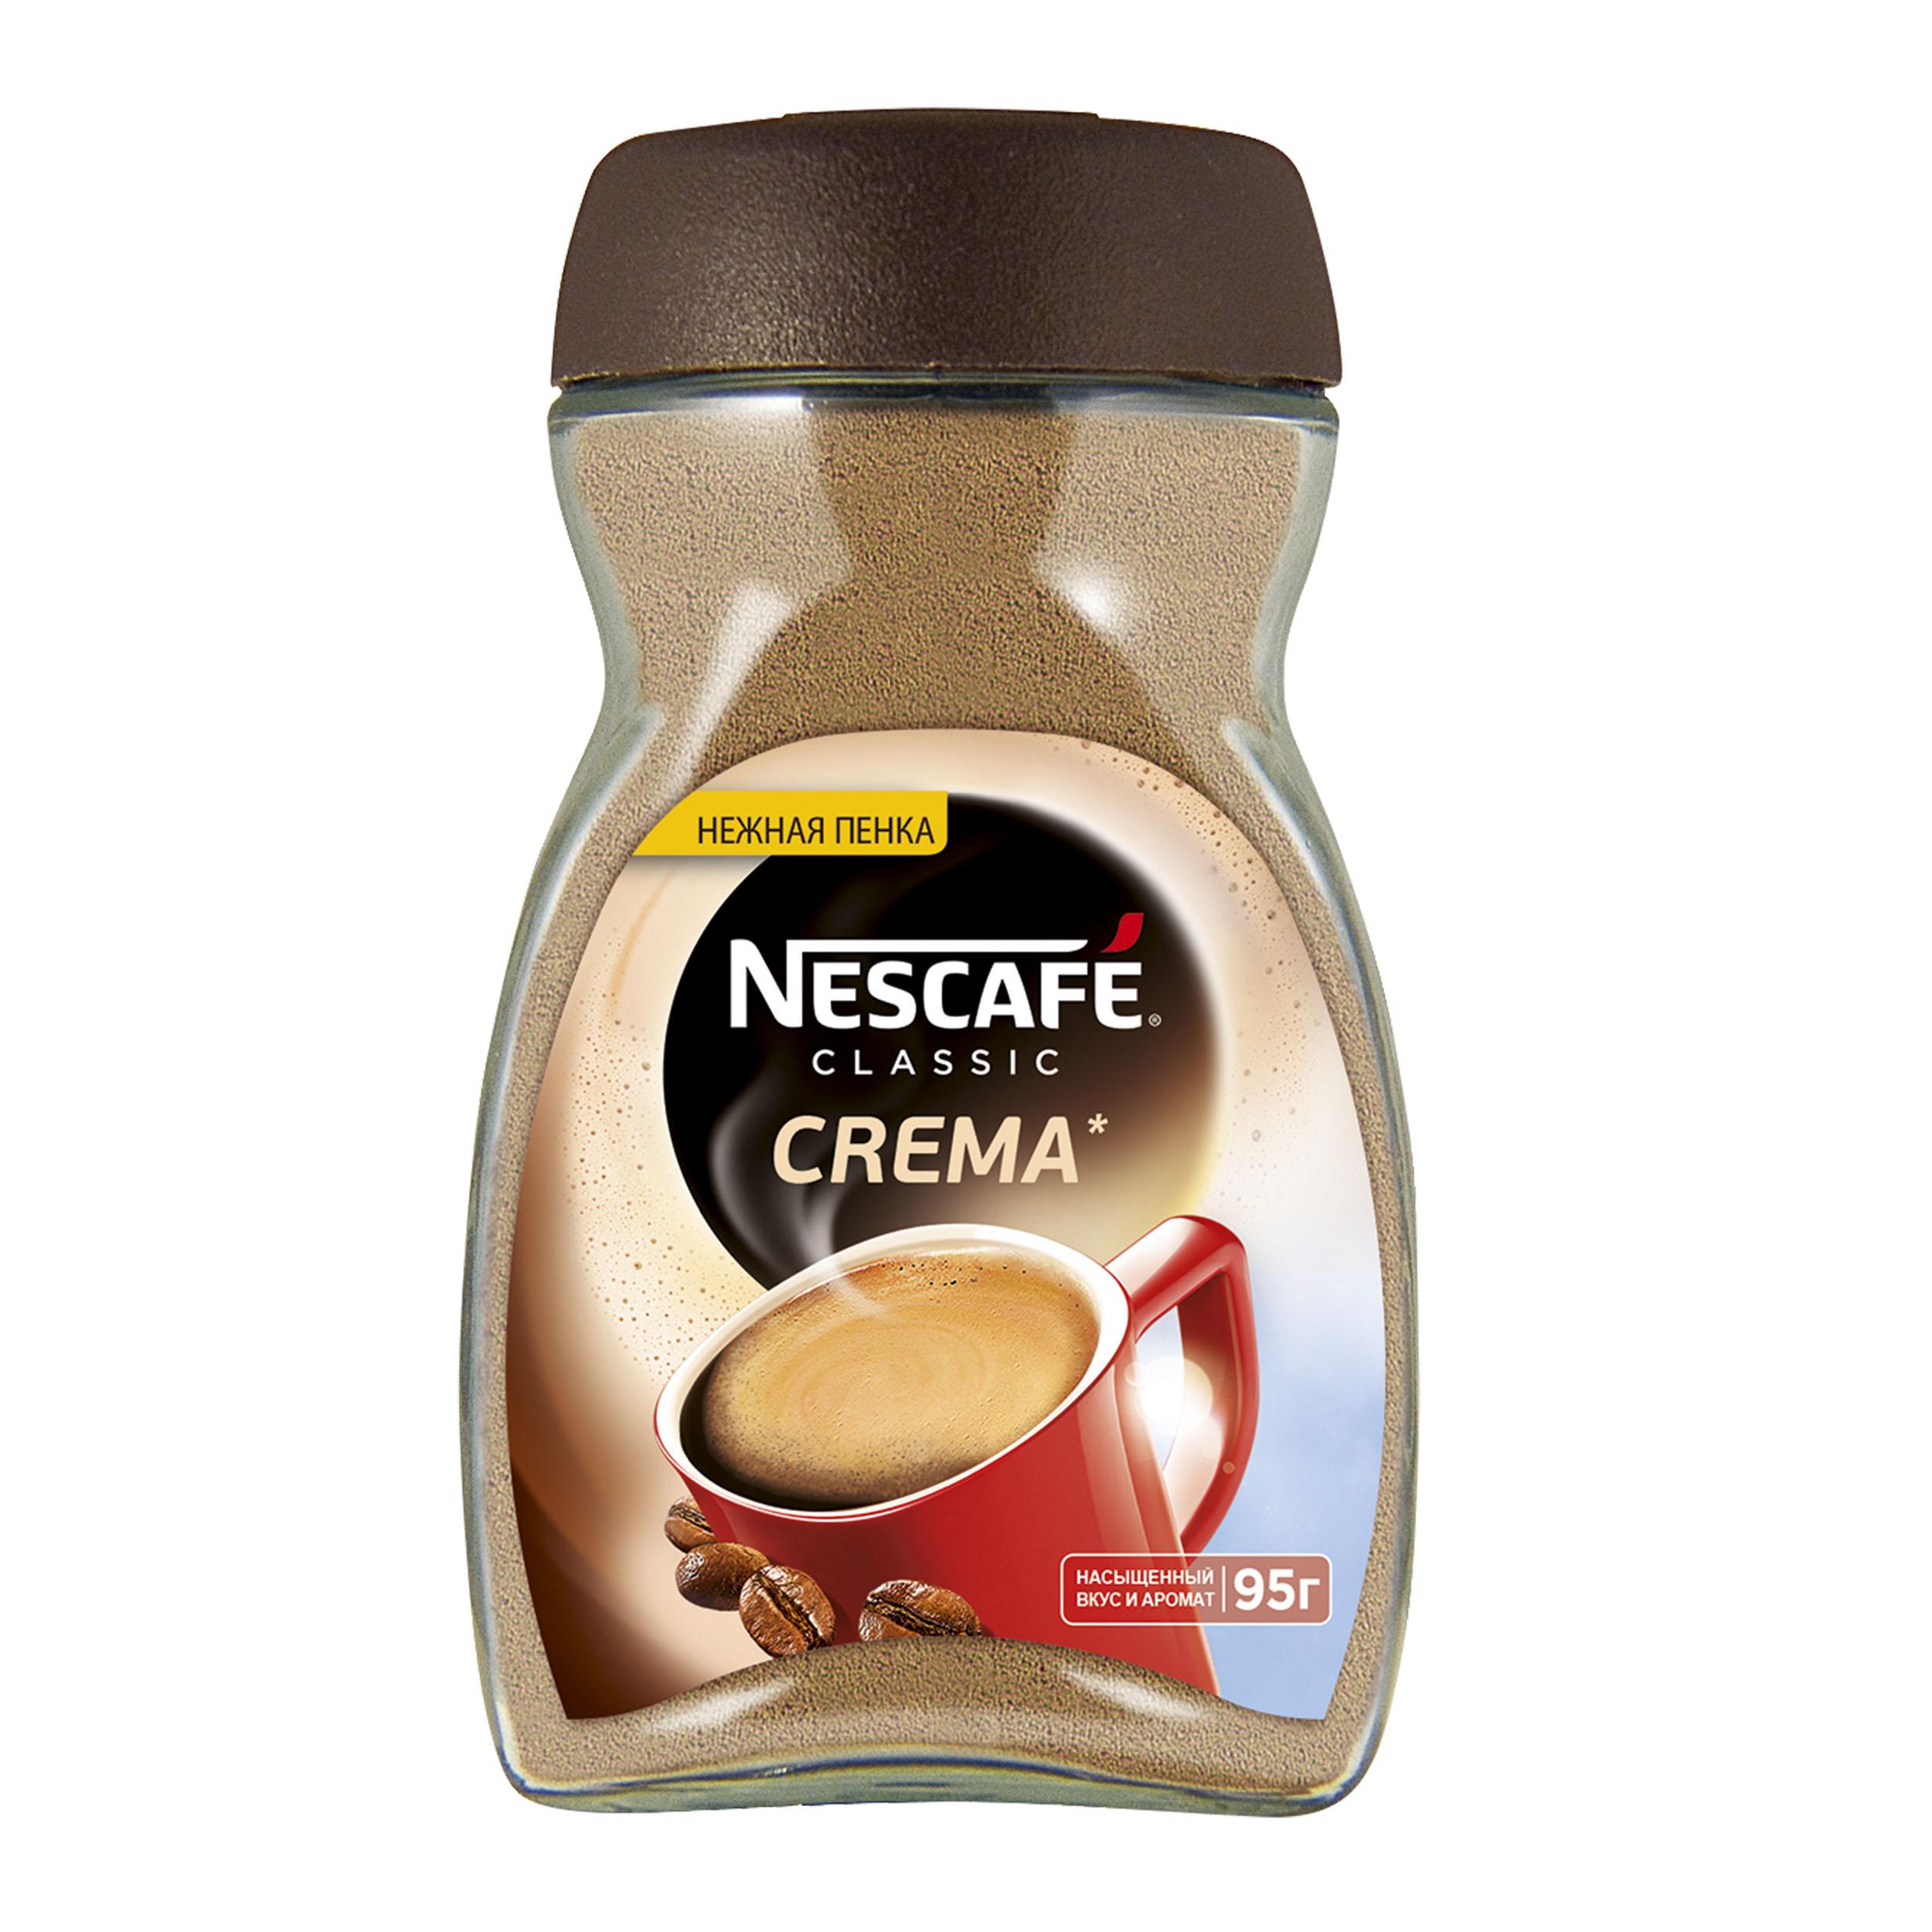 Кофе растворимый Nescafe classic crema натуральный порошкообразный 95 г